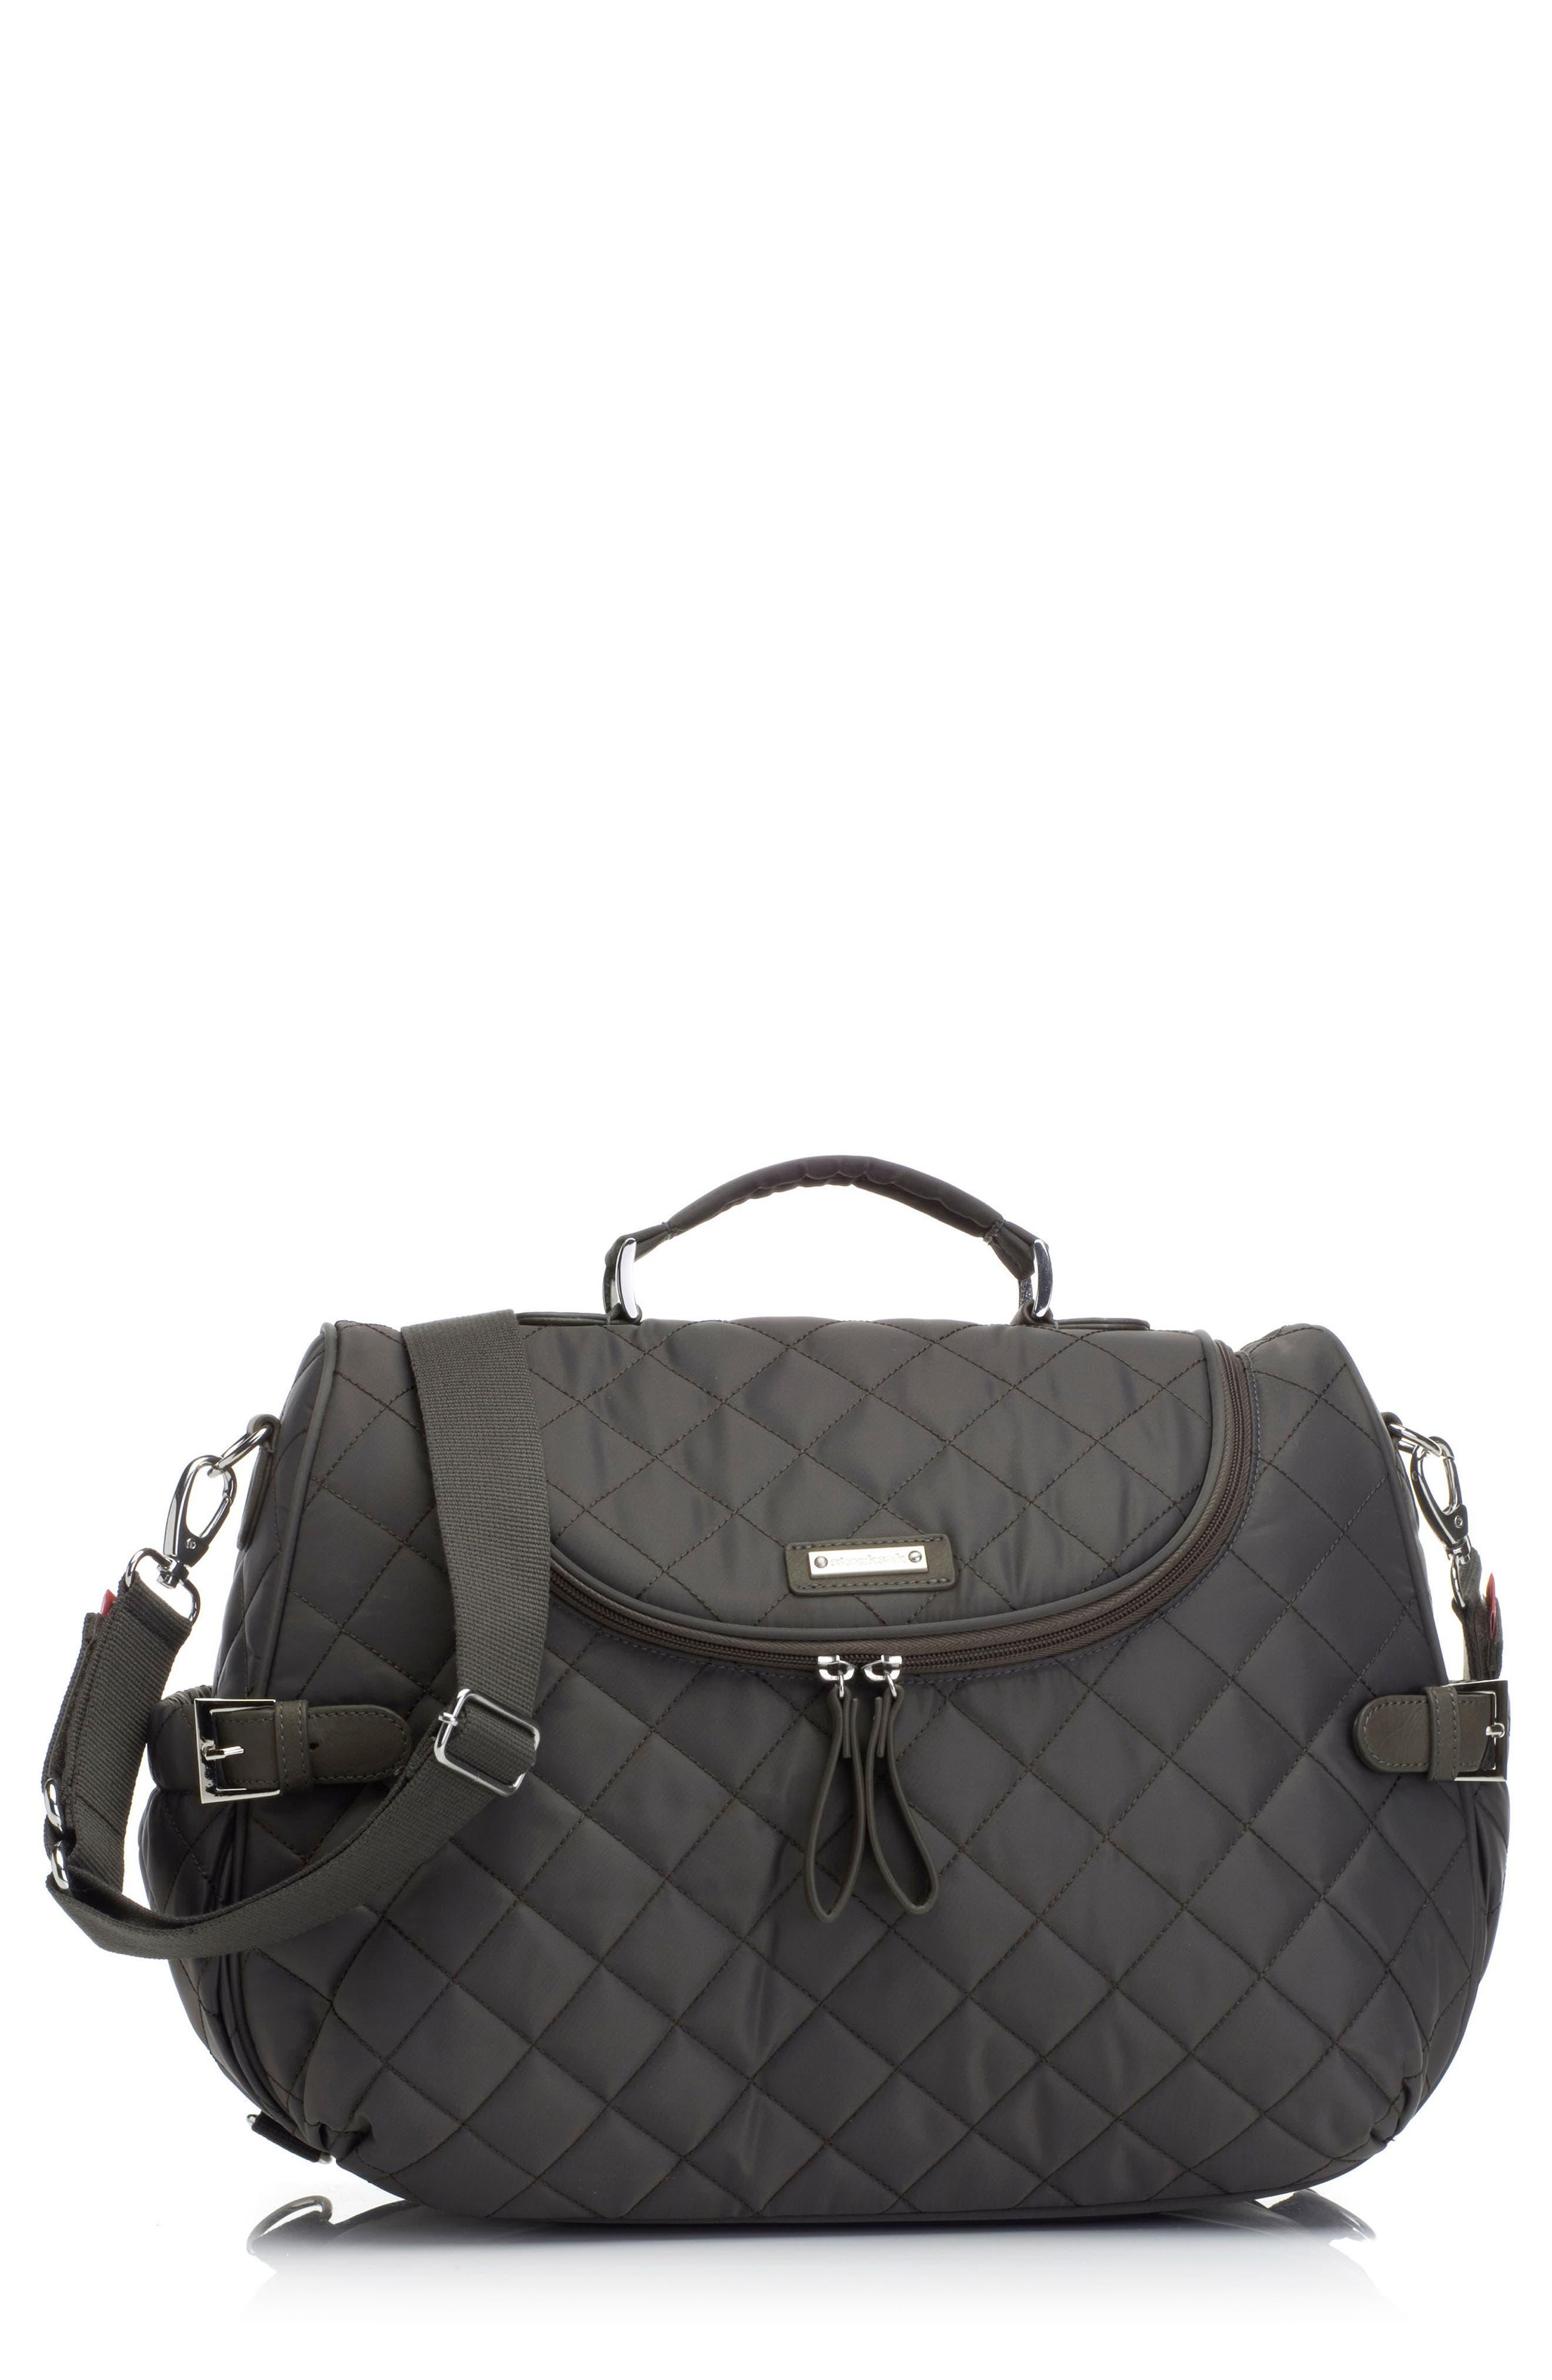 Main Image - Storksak Poppy Convertible Diaper Bag